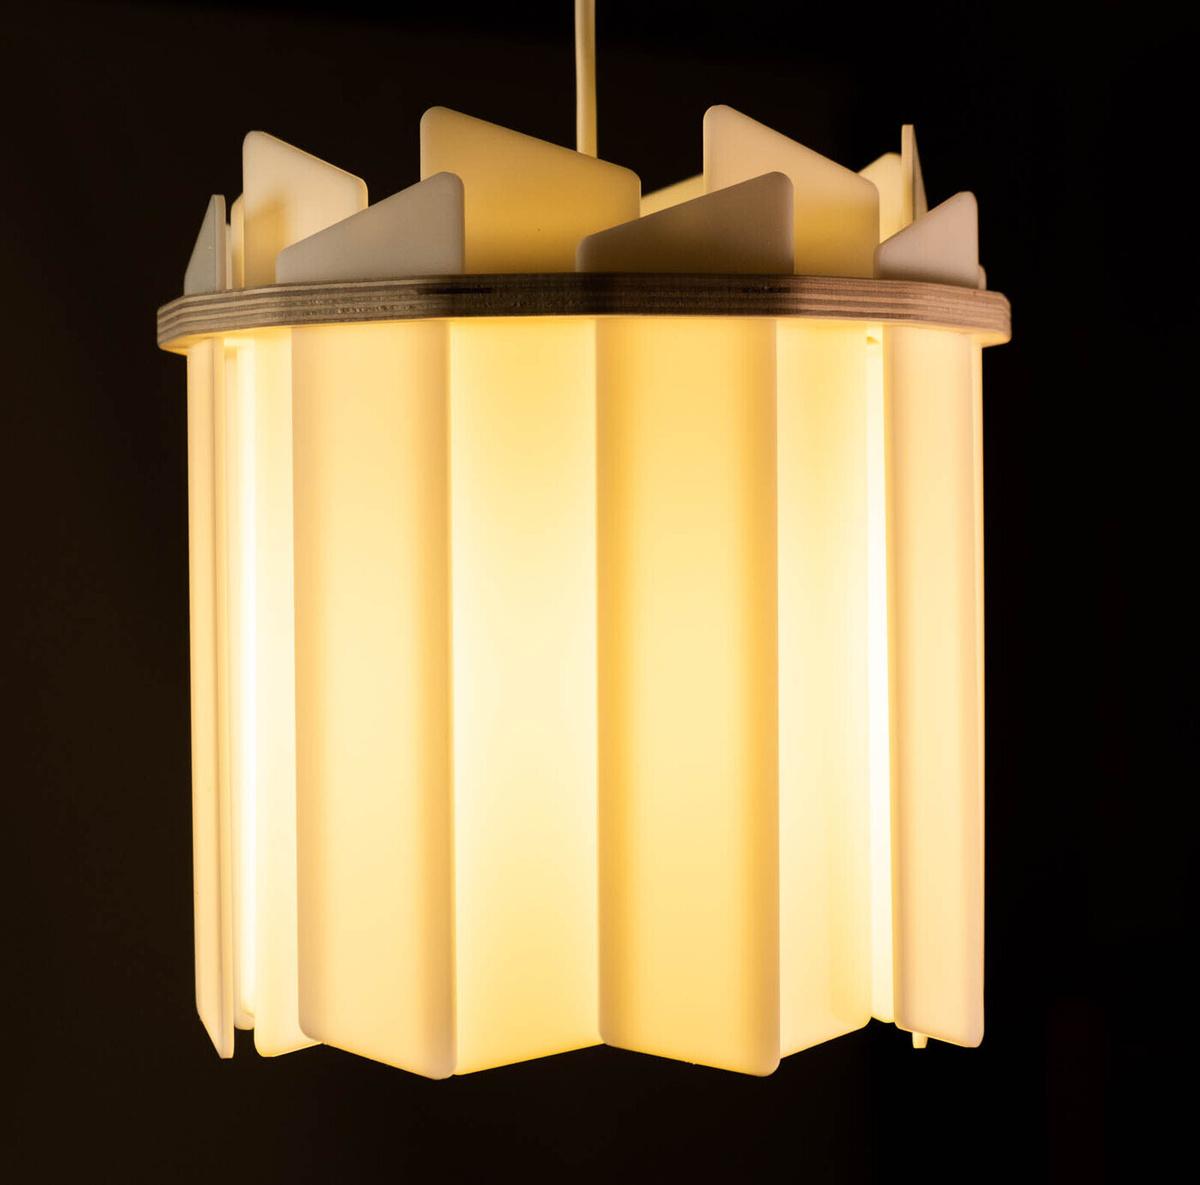 Подвесной светильник Mana Fabric Шуга, 25 Вт #1